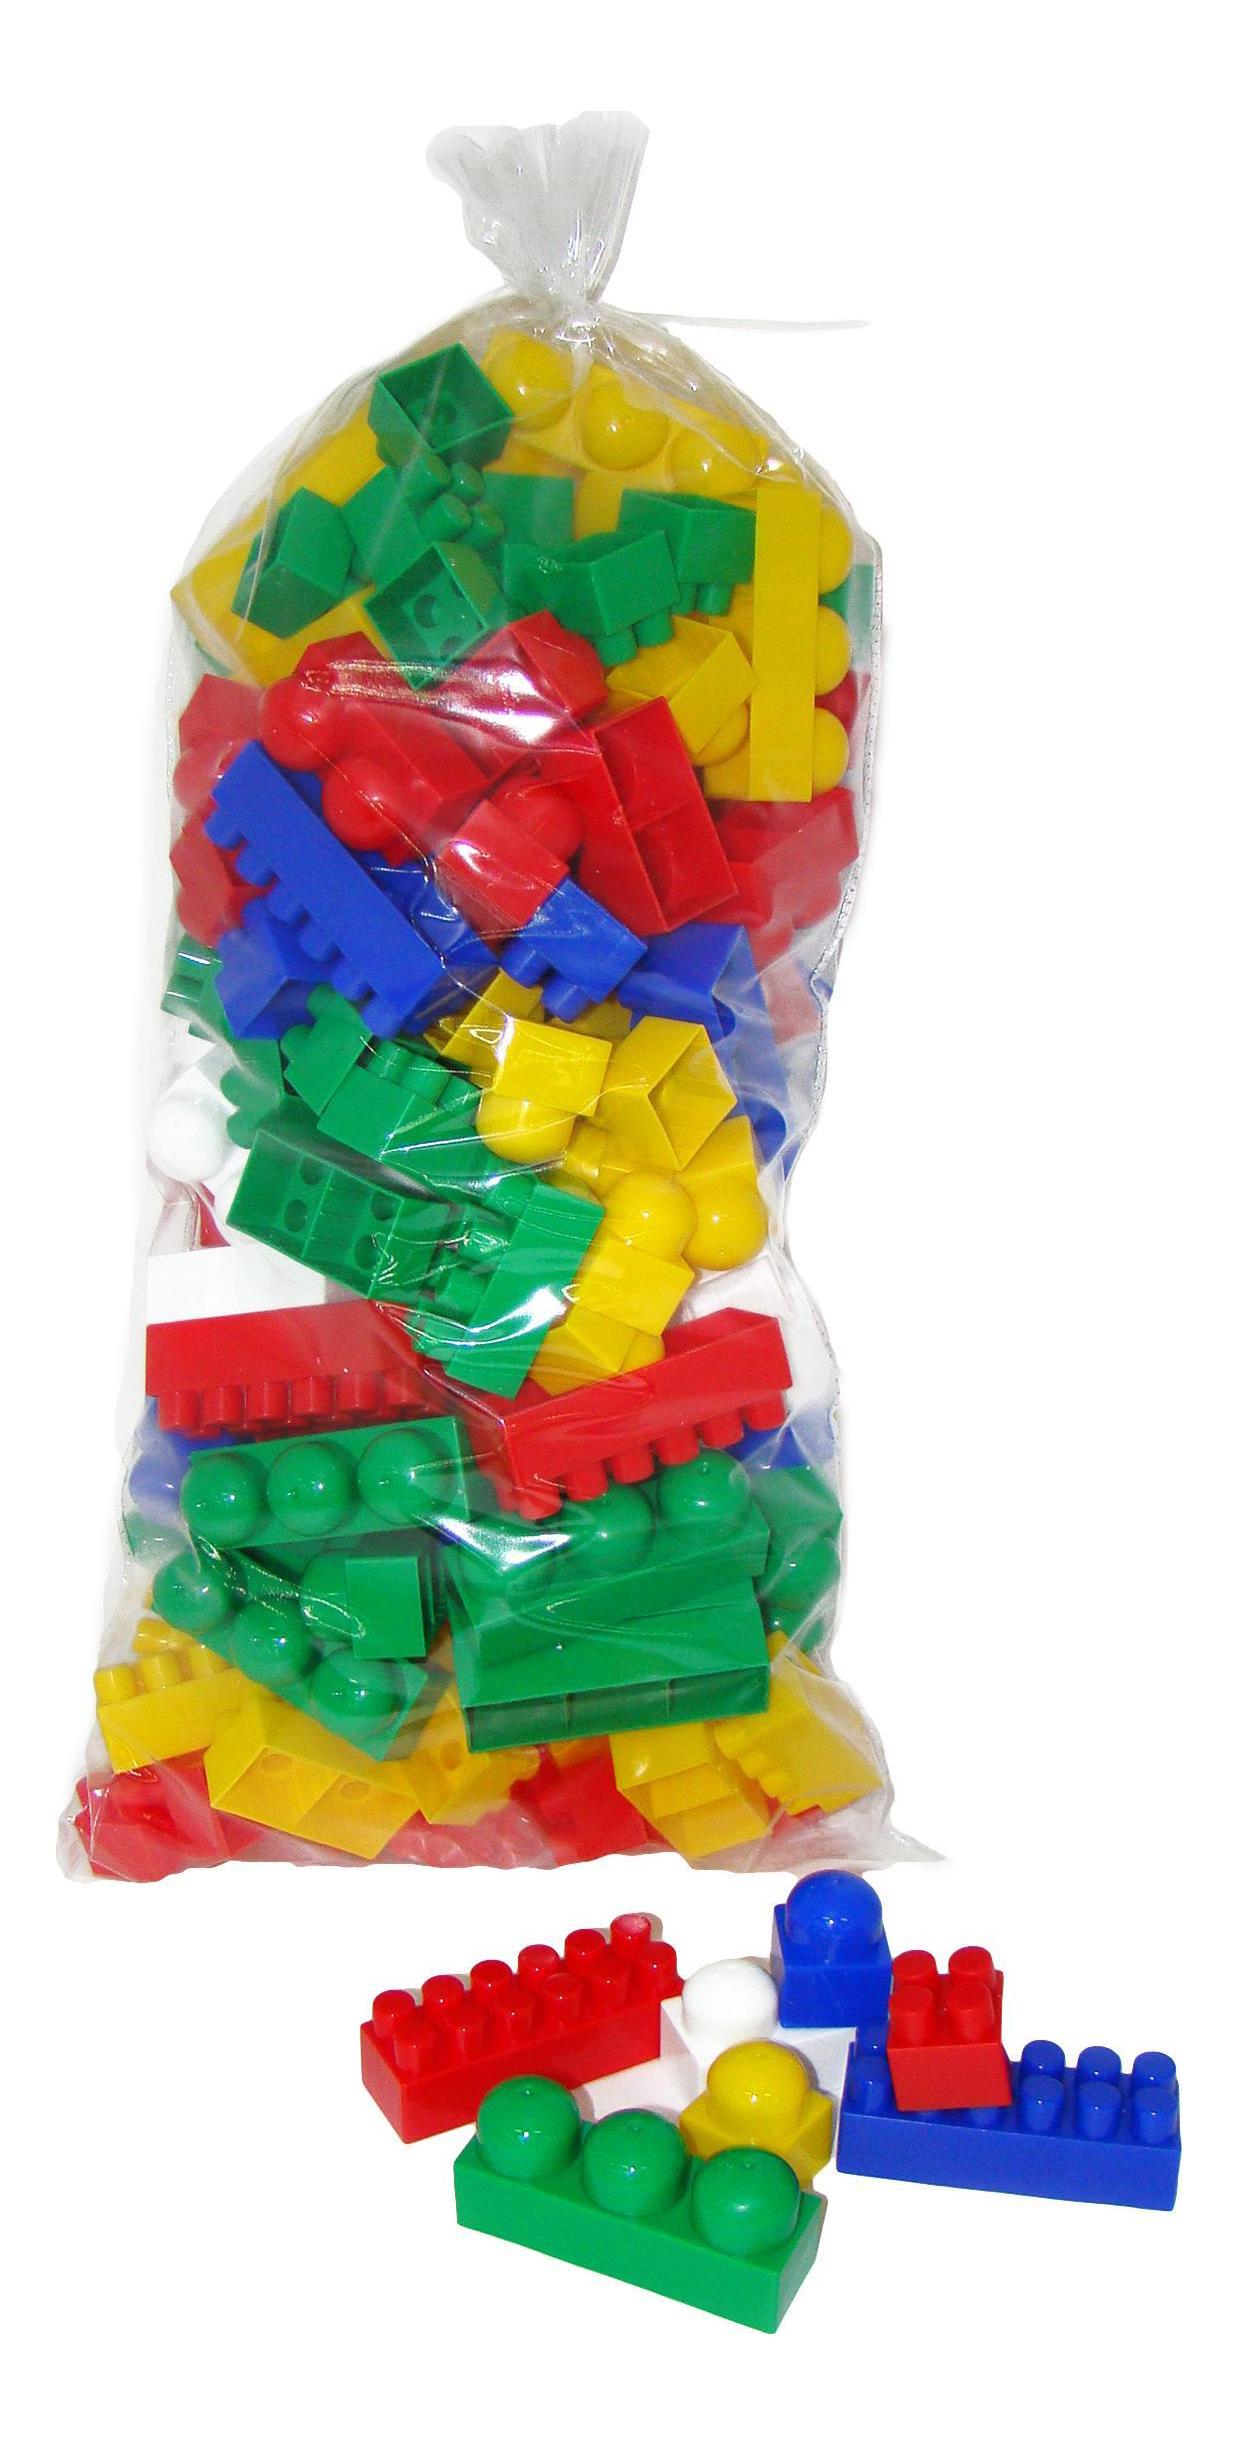 Купить Супер-Микс, Конструктор пластиковый Полесье Супер-микс, 144 элемента, Конструкторы пластмассовые